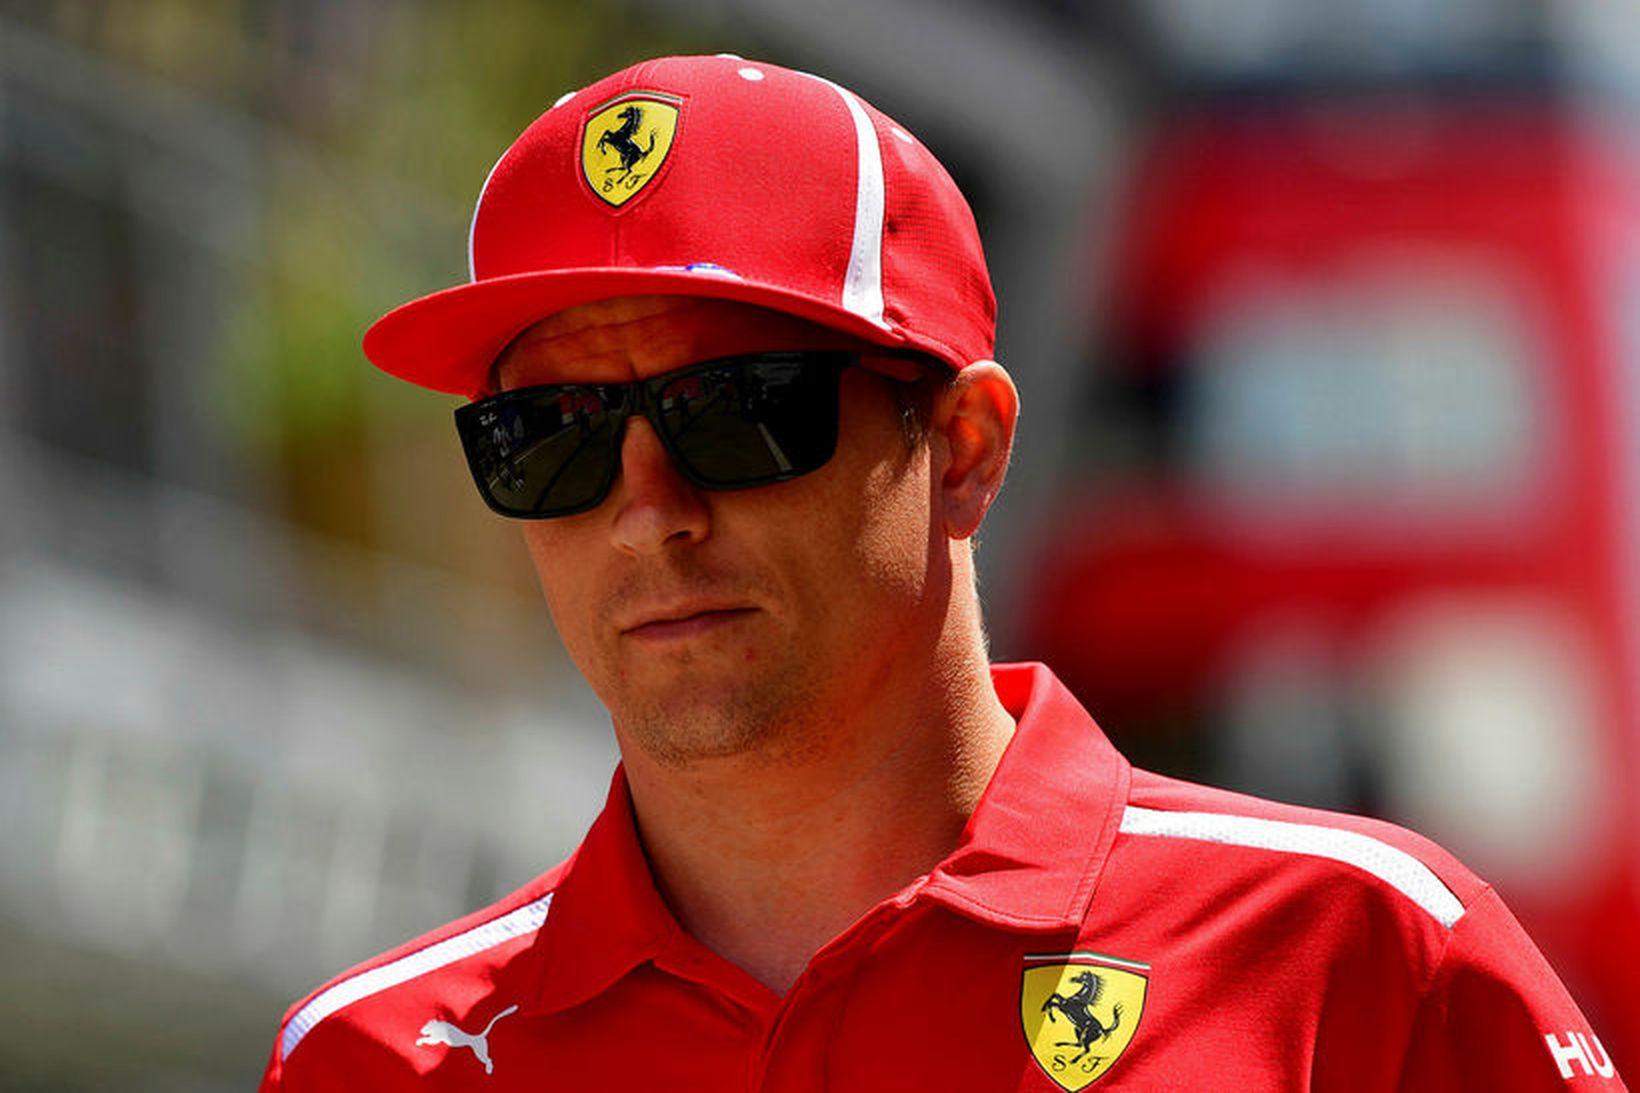 Kimi Räikkönen klæðist ekki lengur Ferrarifötum í Búdapest.